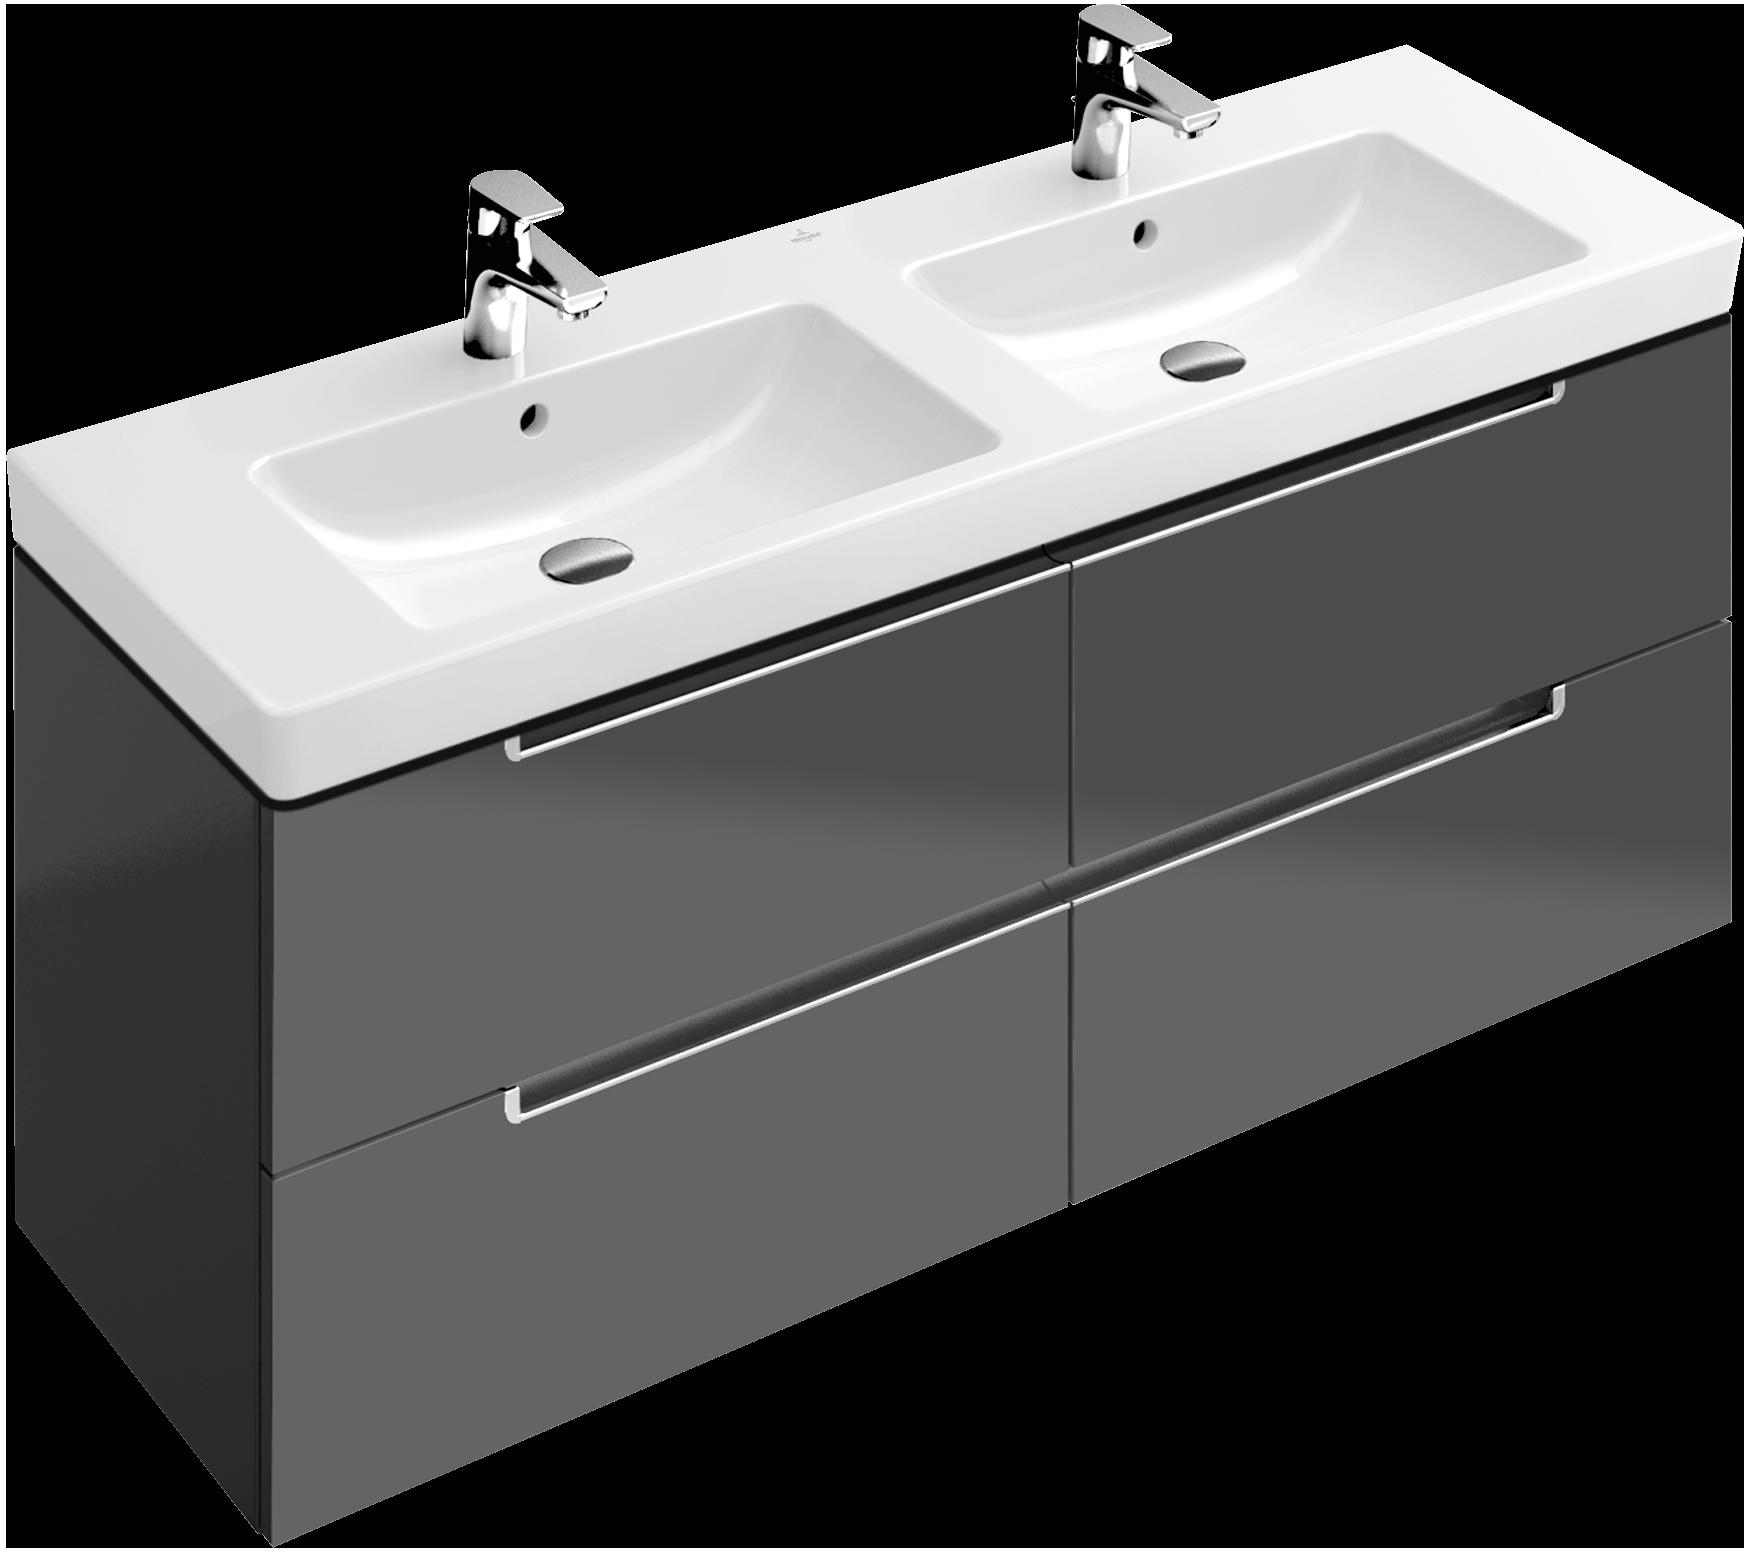 subway vanity unit a699u0 villeroy boch. Black Bedroom Furniture Sets. Home Design Ideas